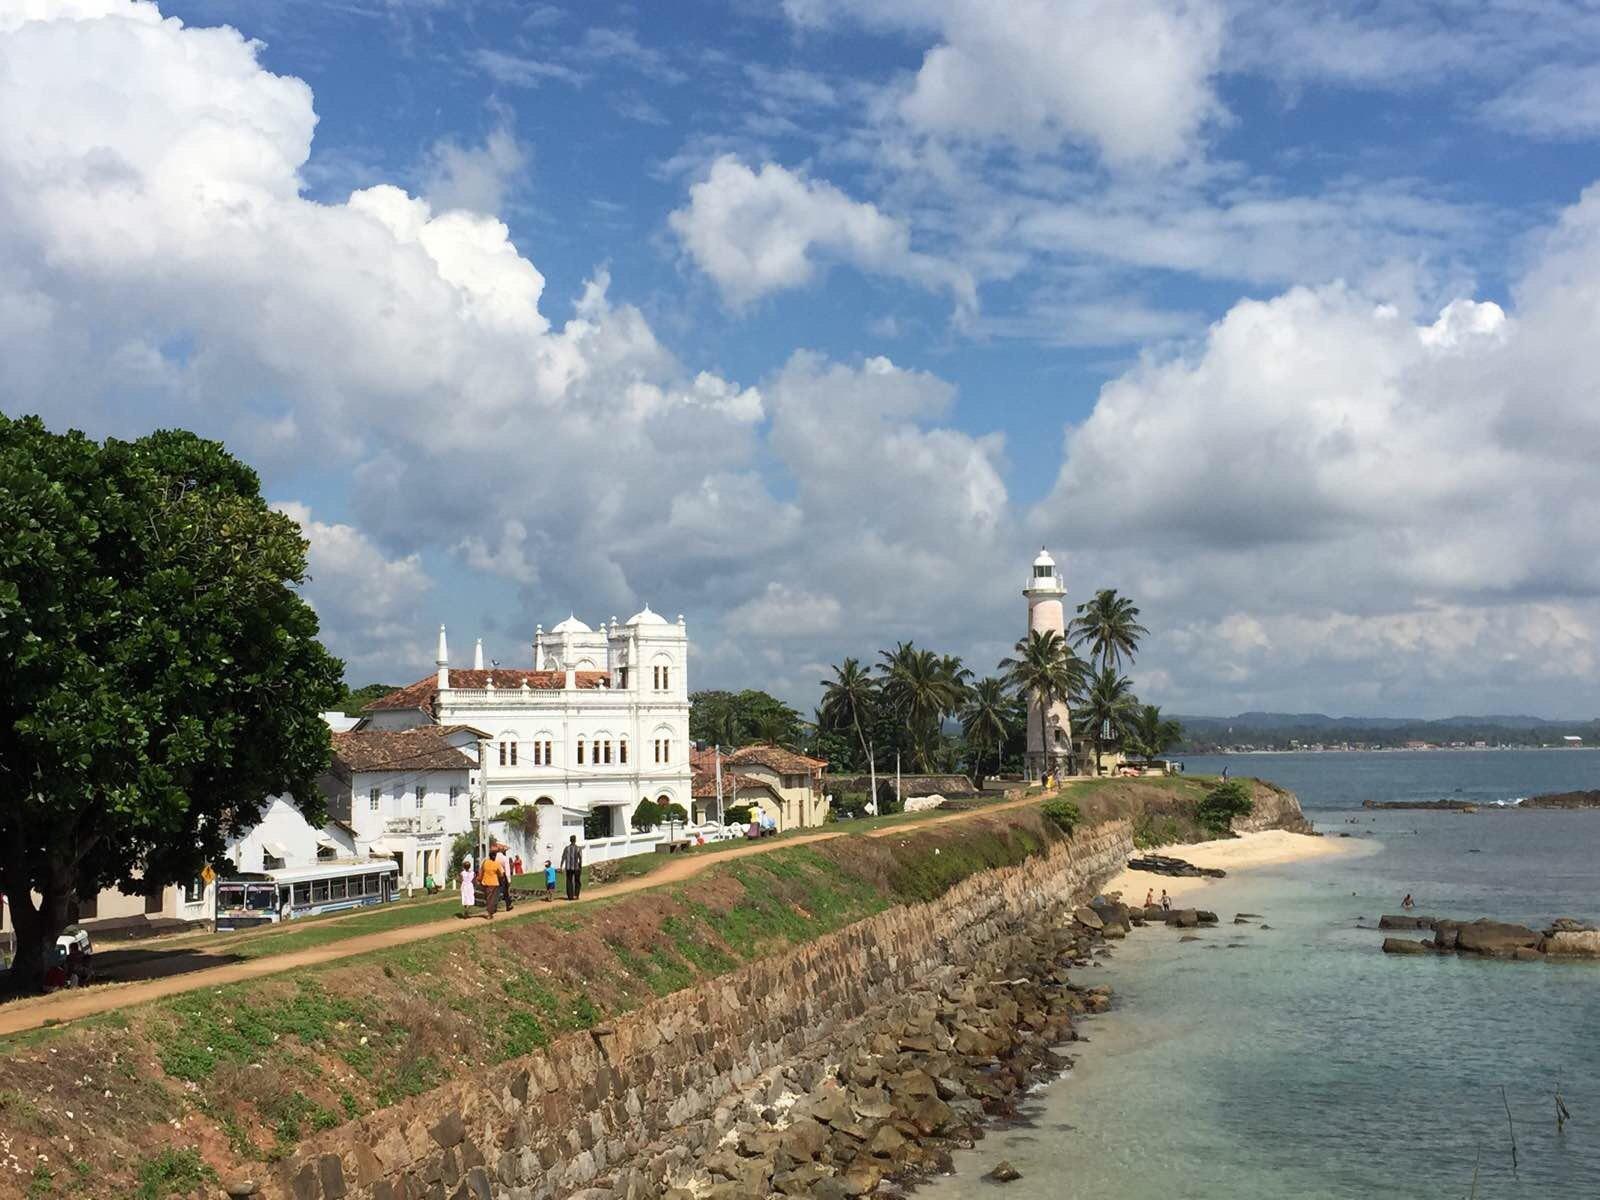 斯里兰卡加勒�9h(_飞越印度洋 在斯里兰卡的土地上 - 加勒游记攻略